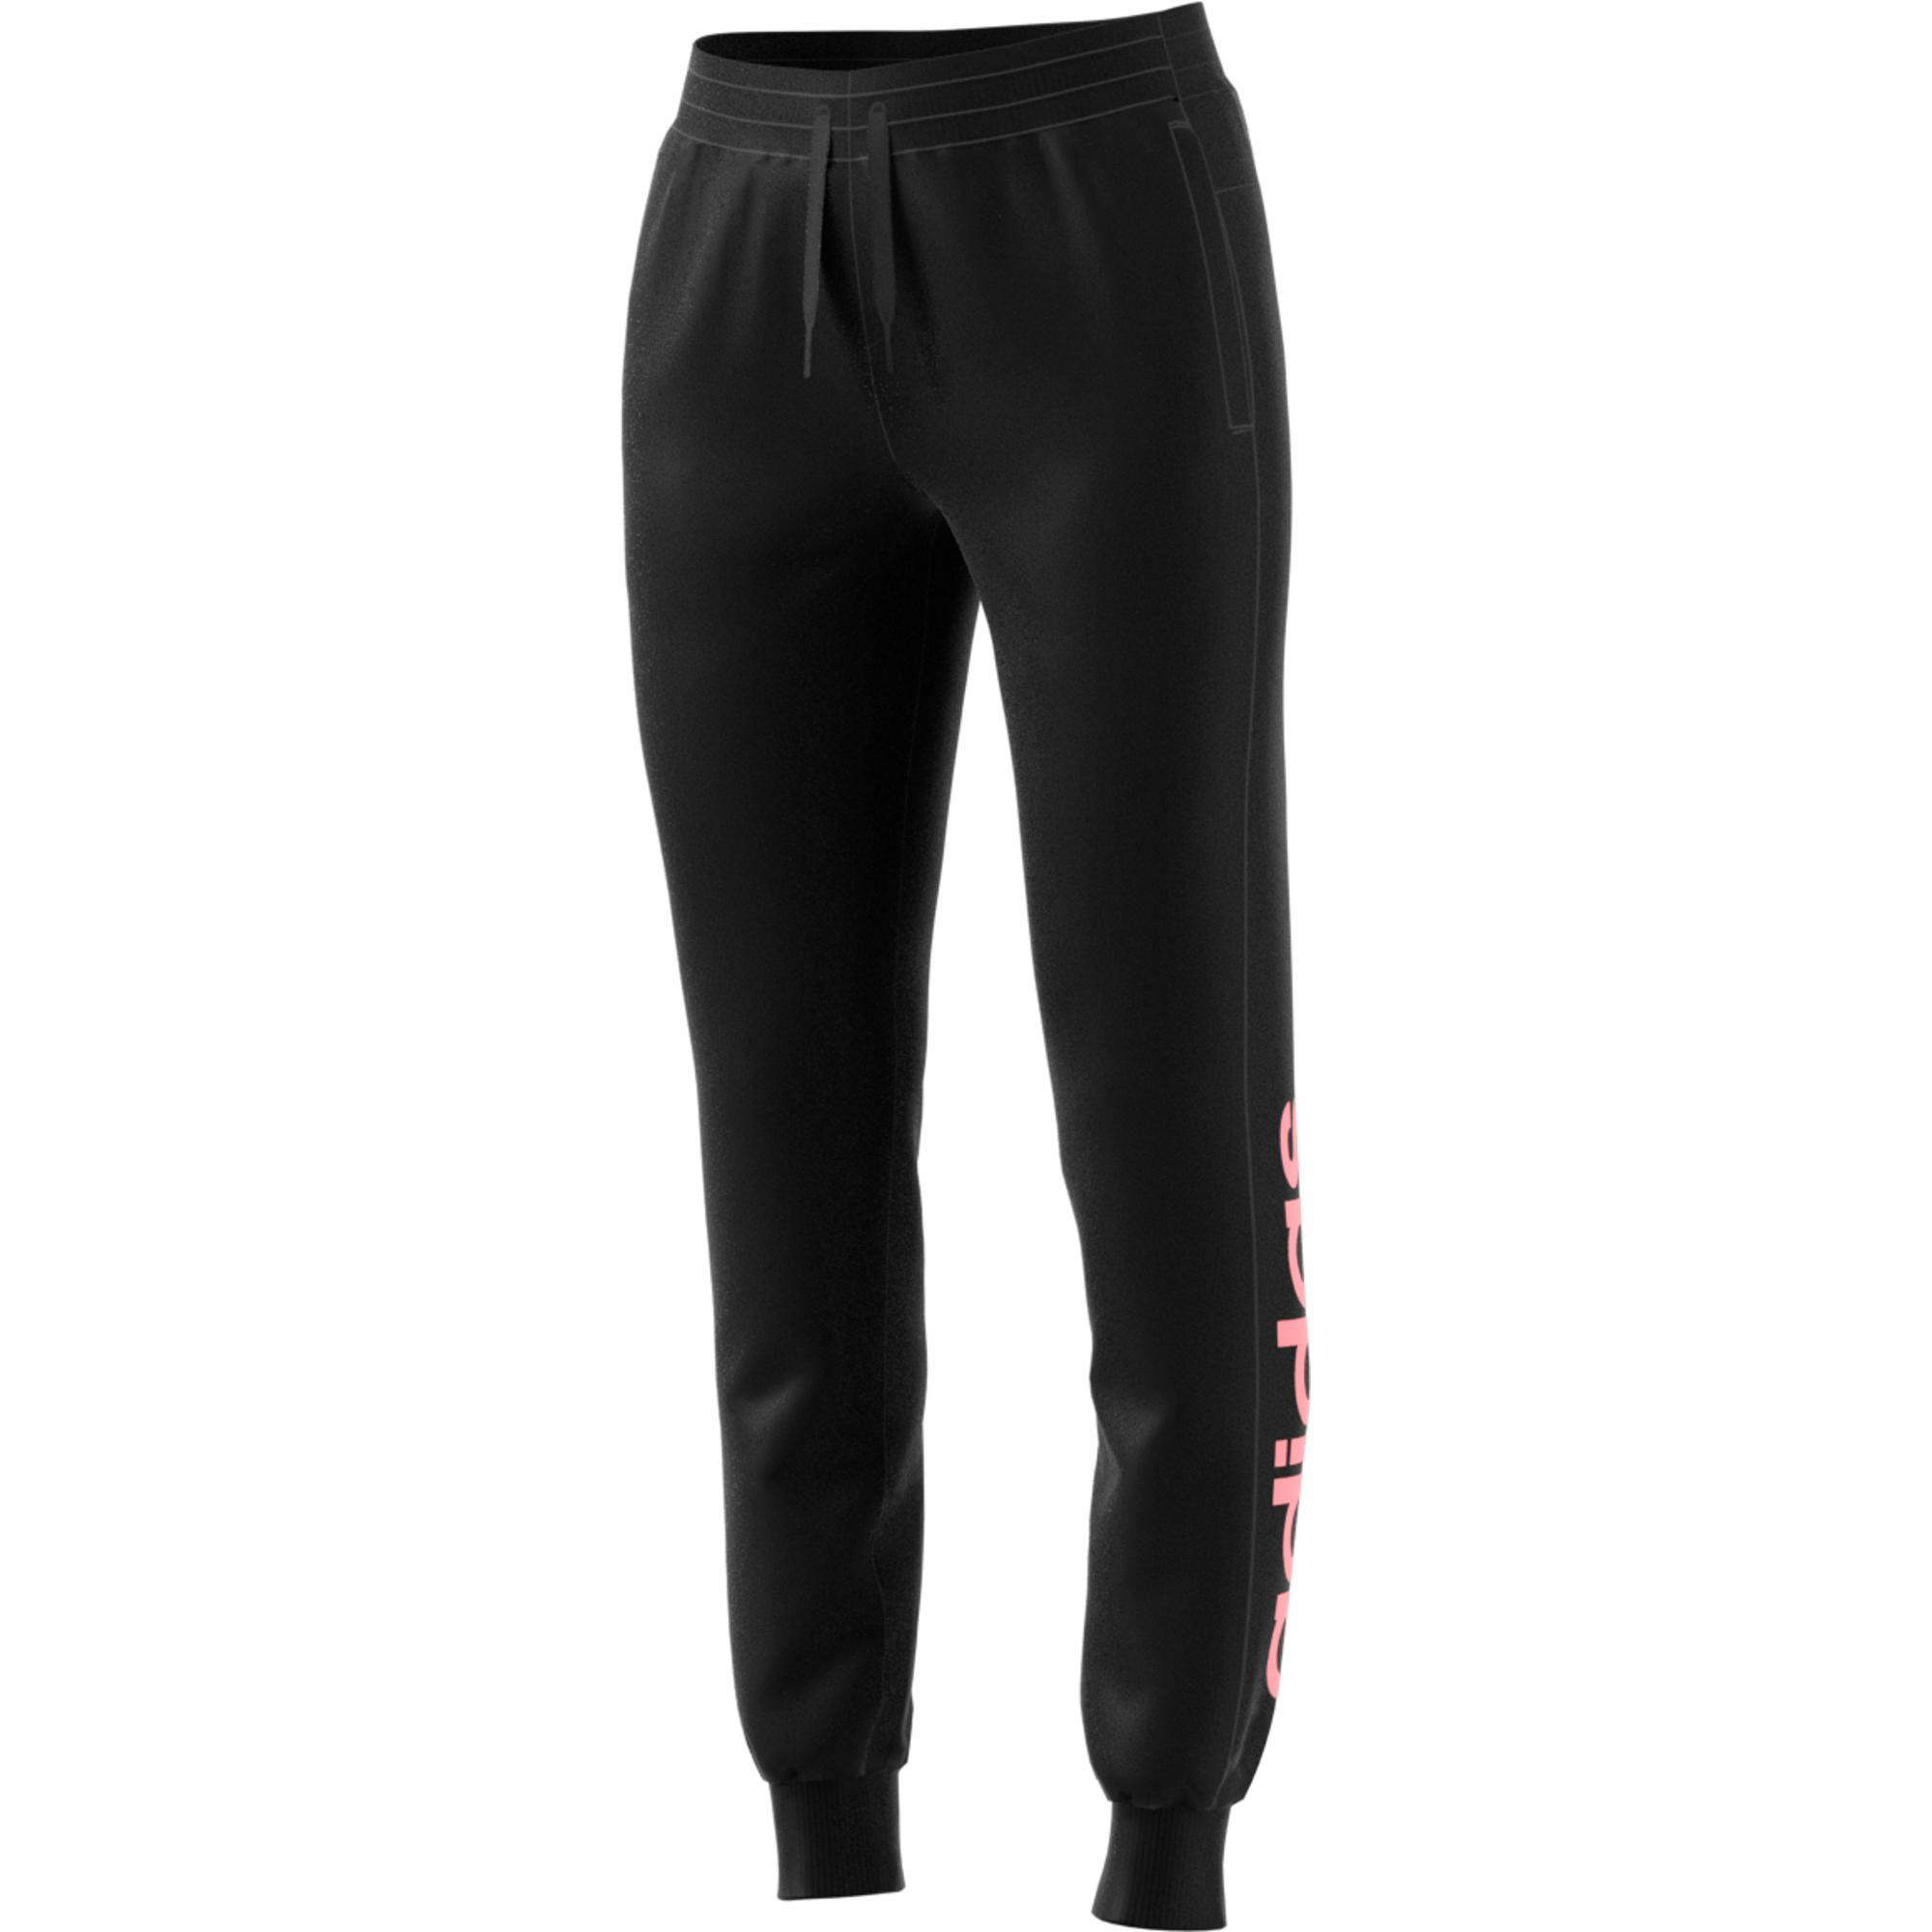 Pantalon slim Adidas damă